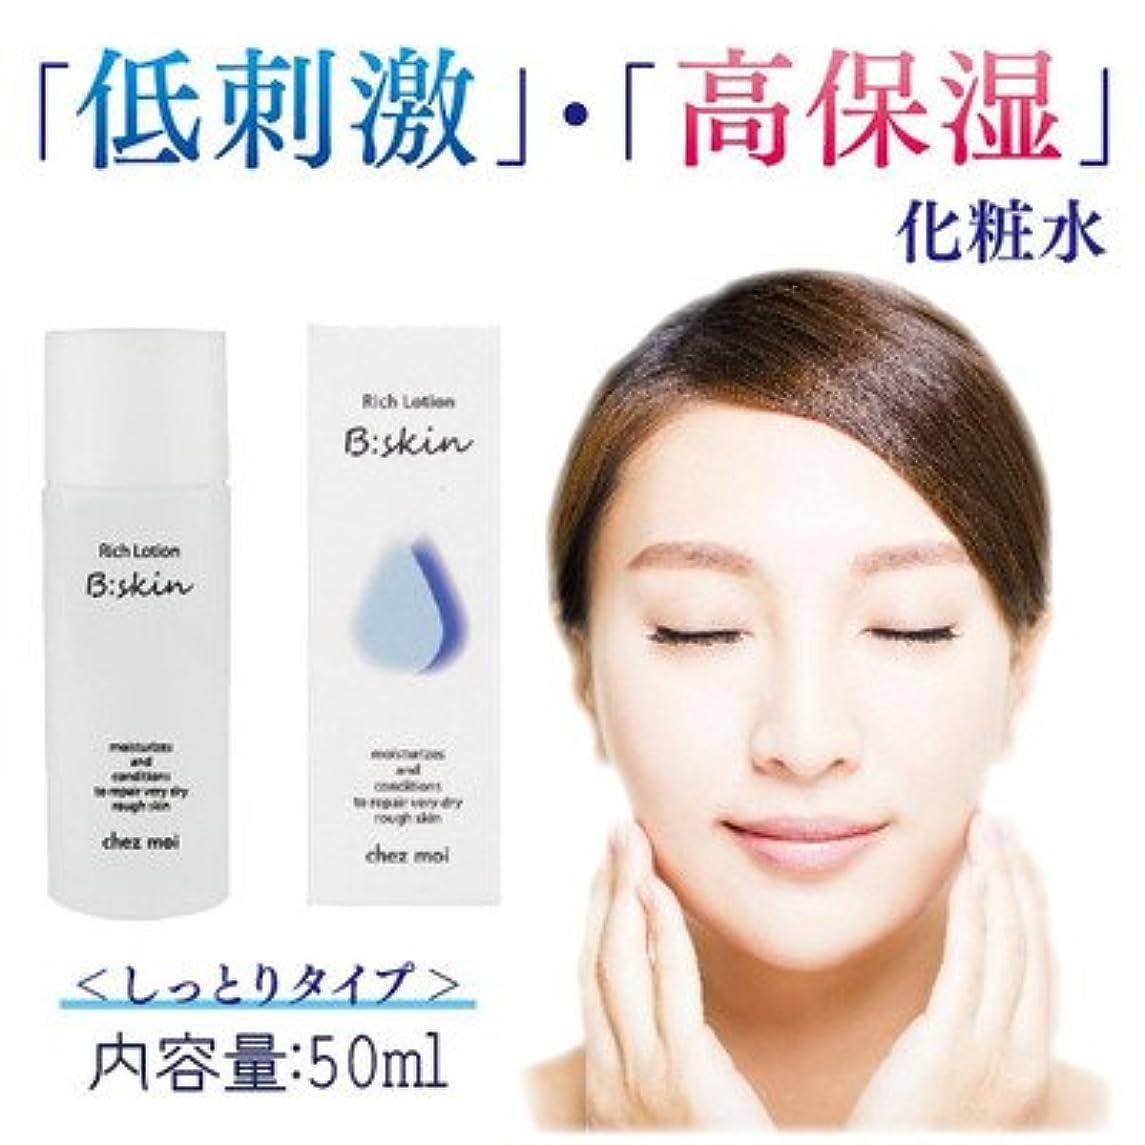 明るくする現代反論低刺激 高保湿 しっとりタイプの化粧水 B:skin ビースキン Rich Lotion リッチローション しっとりタイプ 化粧水 50mL